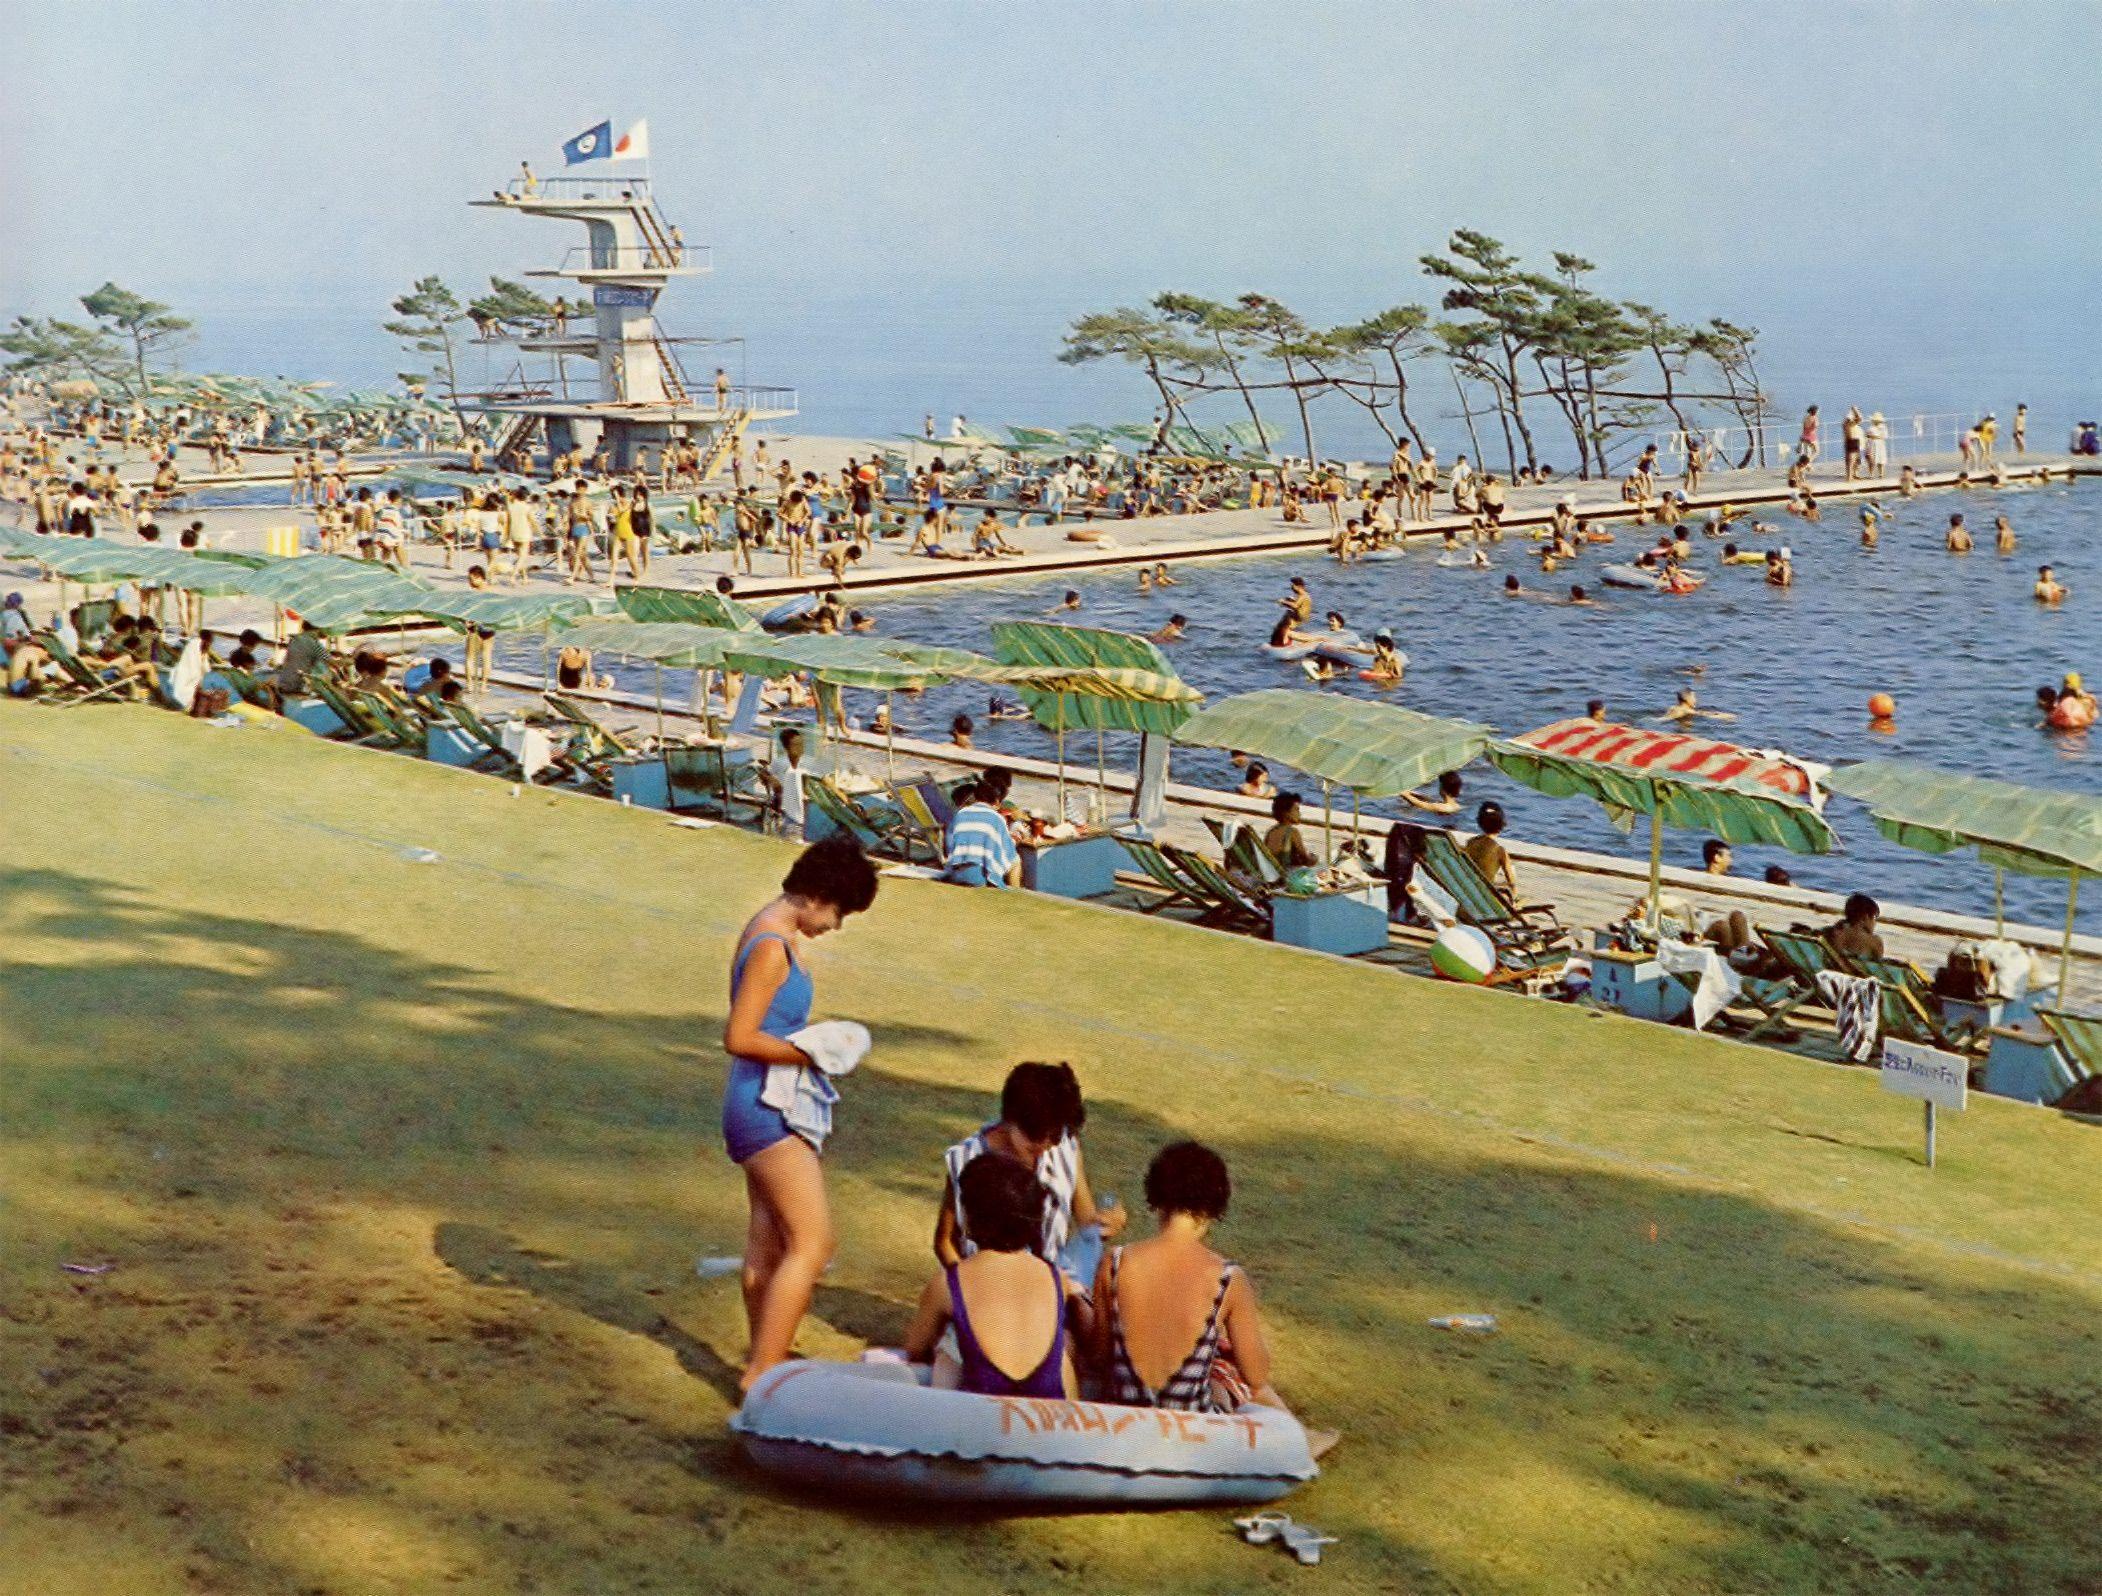 ビーチ 2020 ロング 大磯